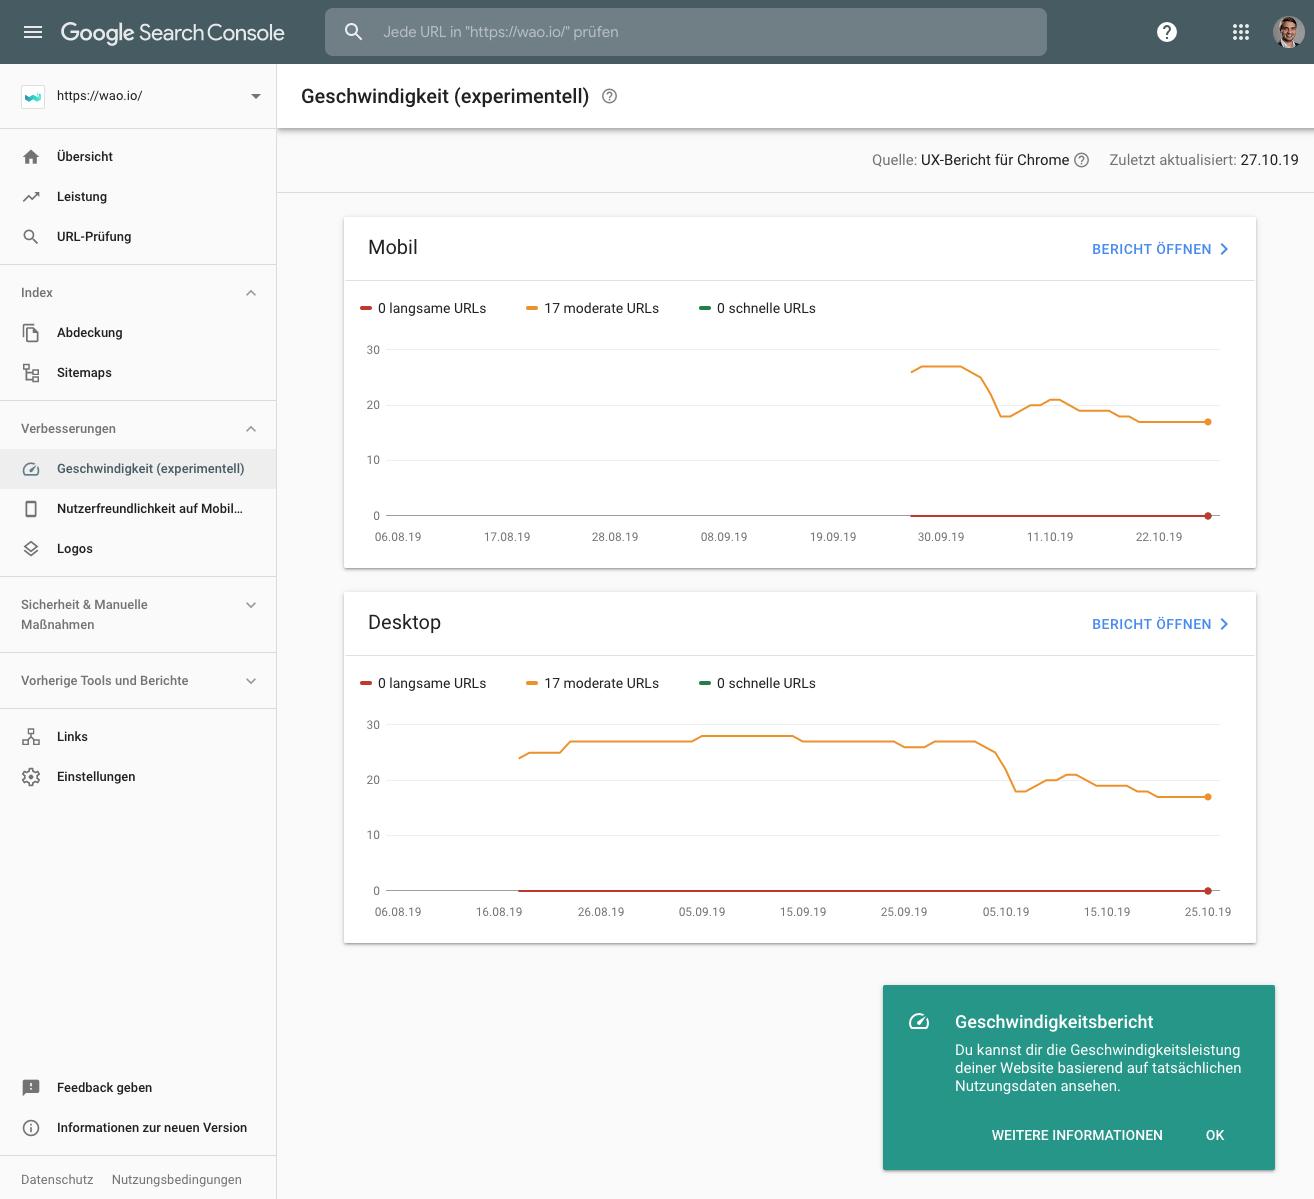 Google Search Console / Konsole Bericht der Geschwindigkeit von URL beziehungsweise der Webseite.